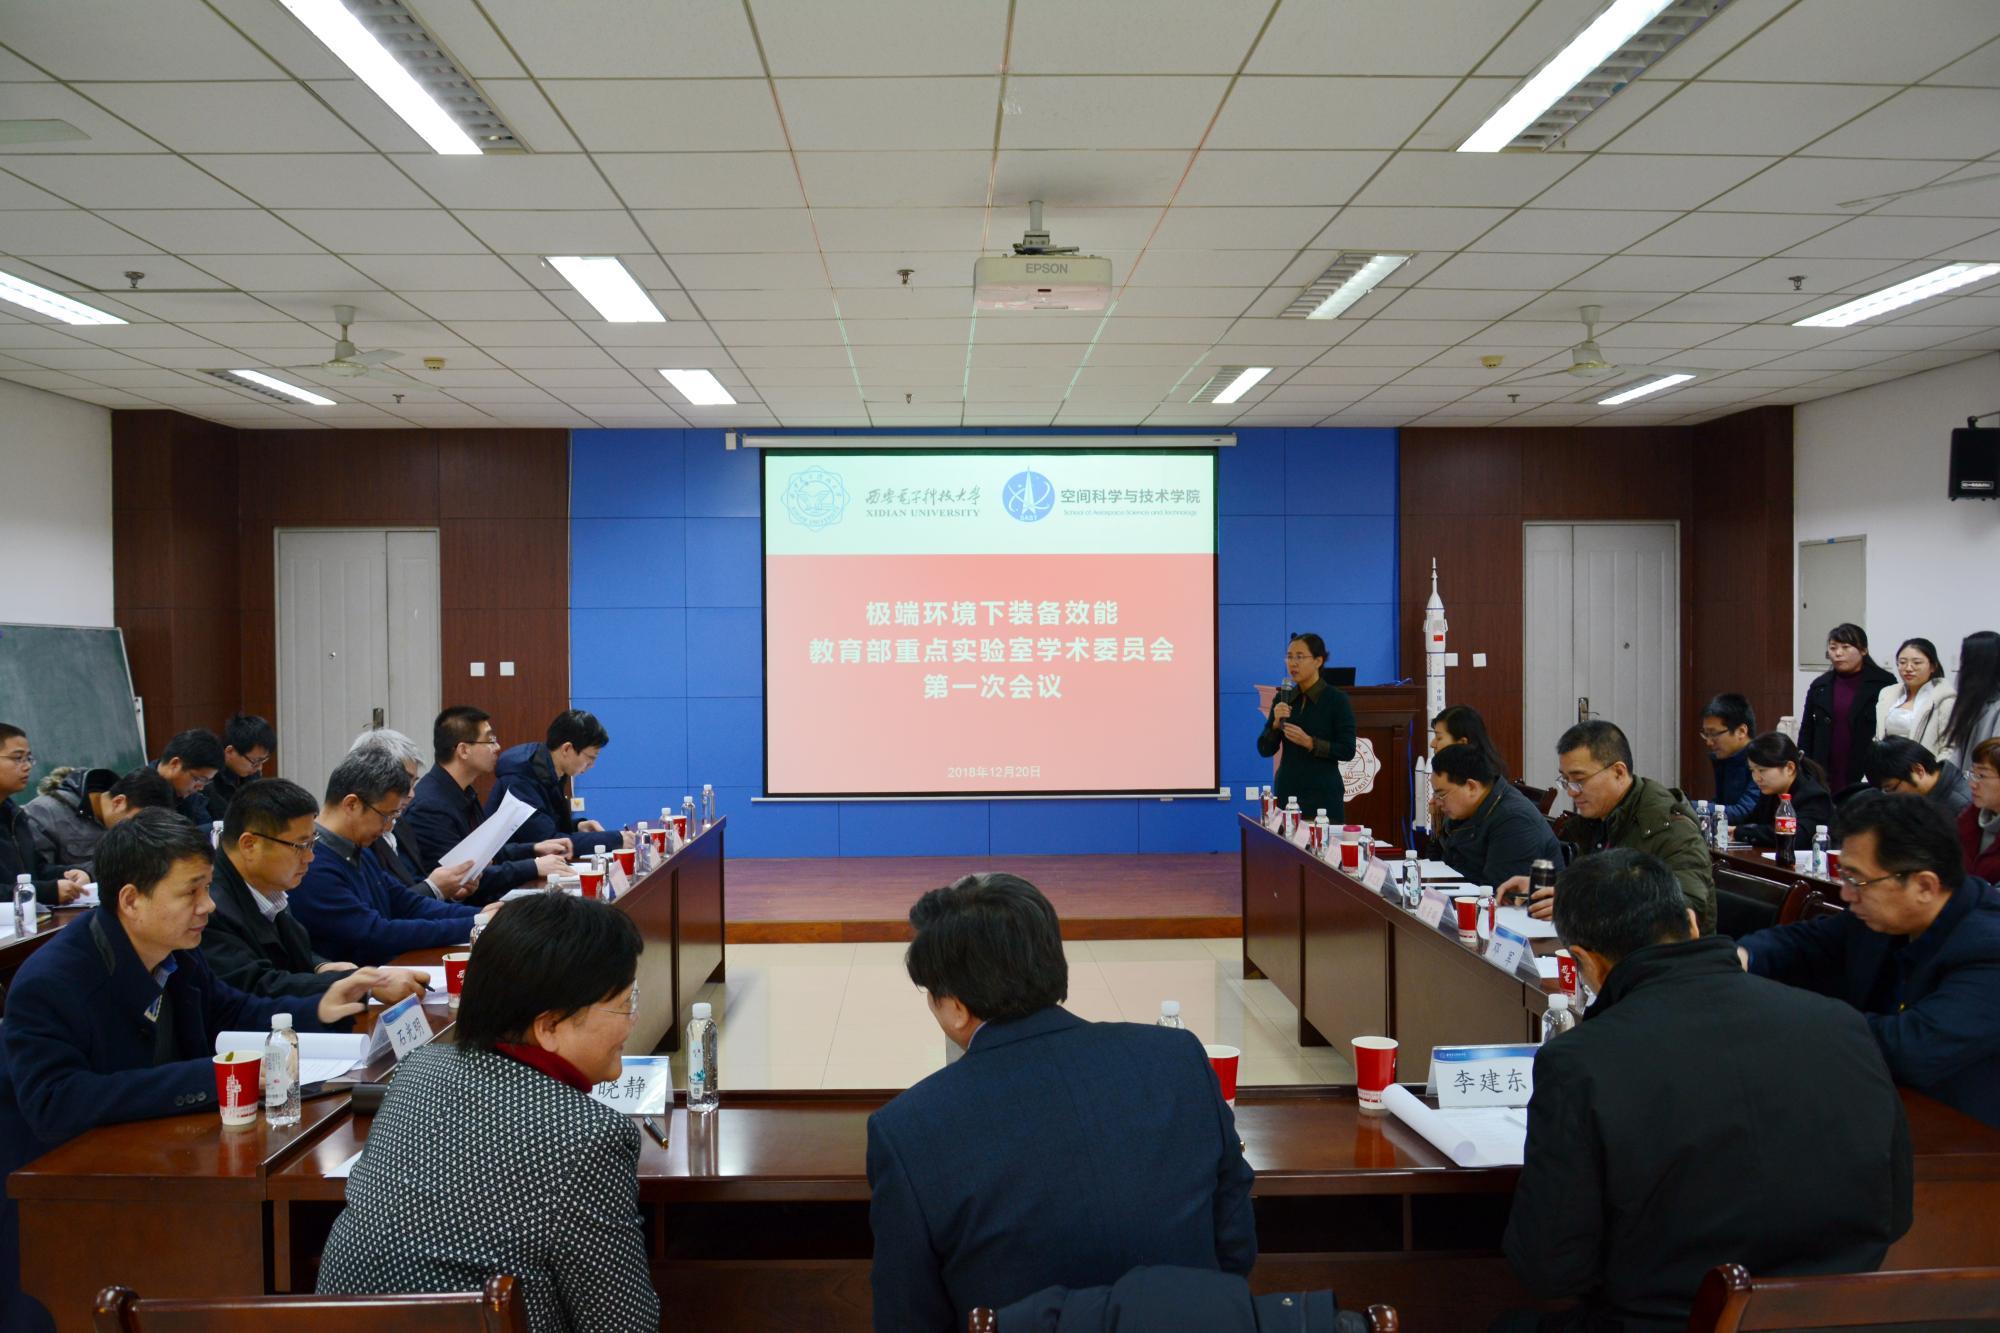 西电召开装备效能重点实验室学术委员会首次会议